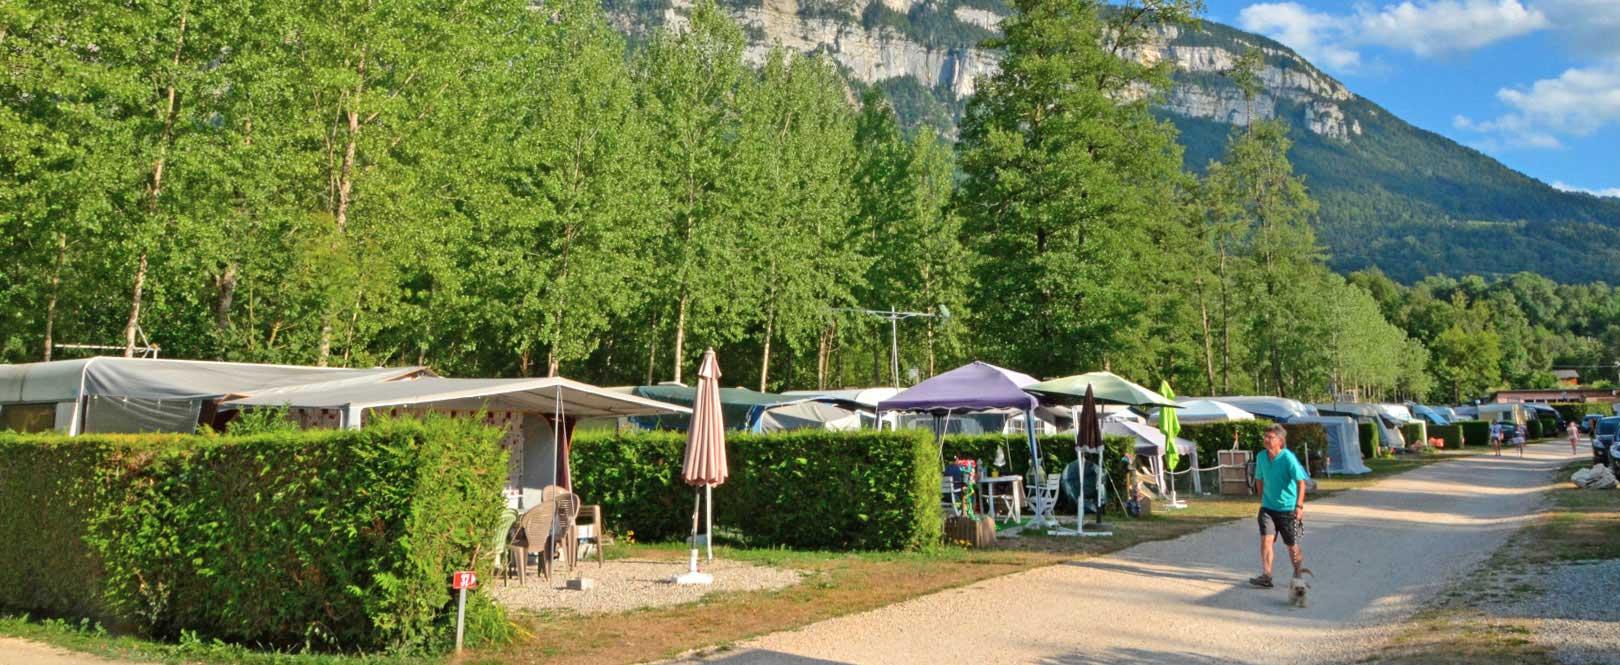 Camping Les Peupliers - Région Auvergne-rhône-alpes - Savoie (73 ...